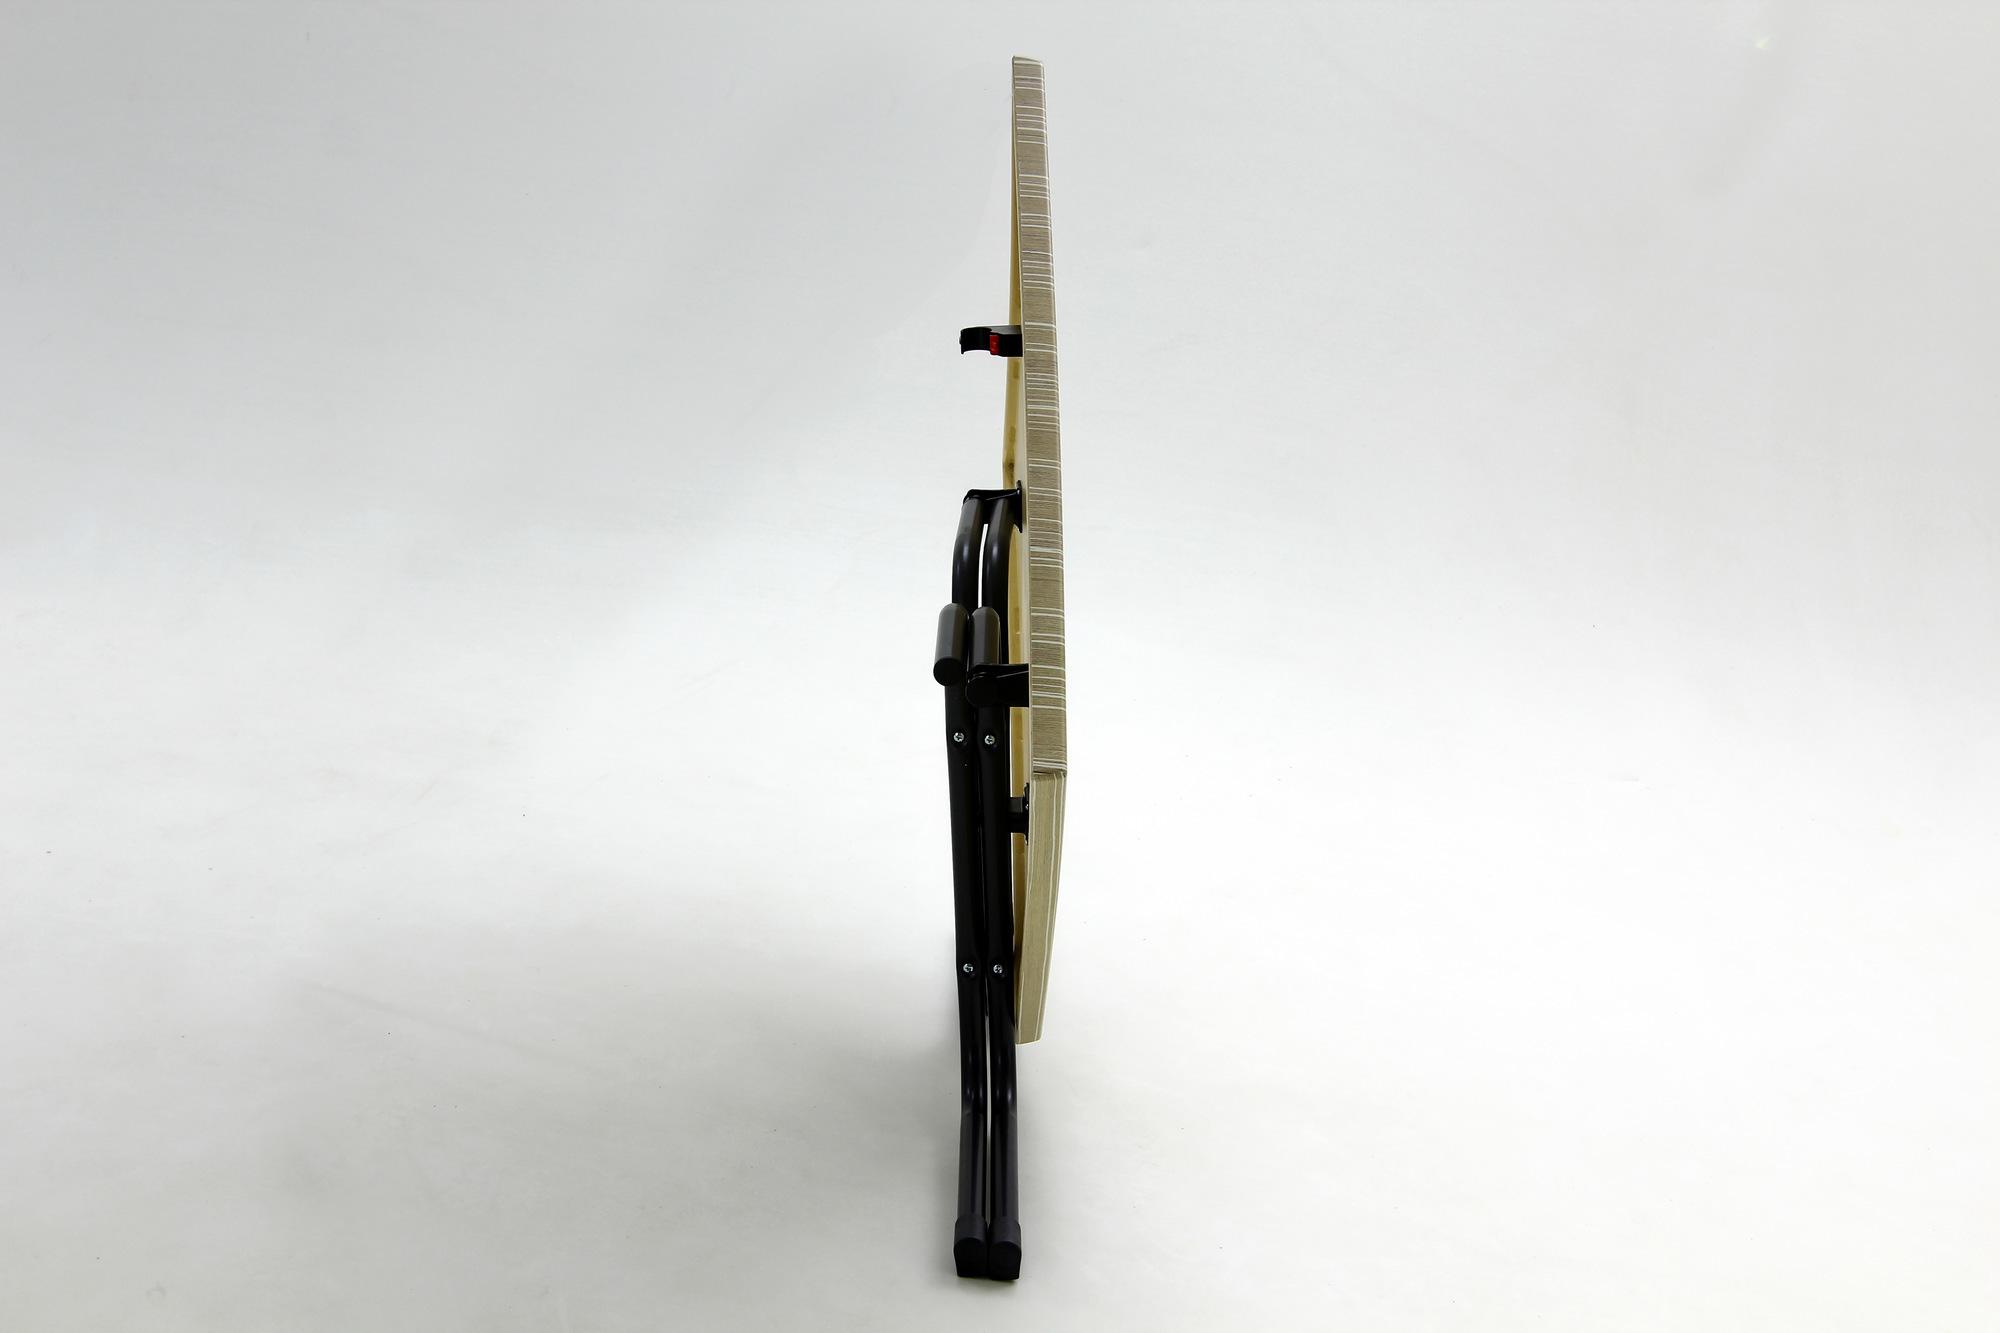 1539262514-gartenmoebel-80x80cm-gastrotisch_3.jpg